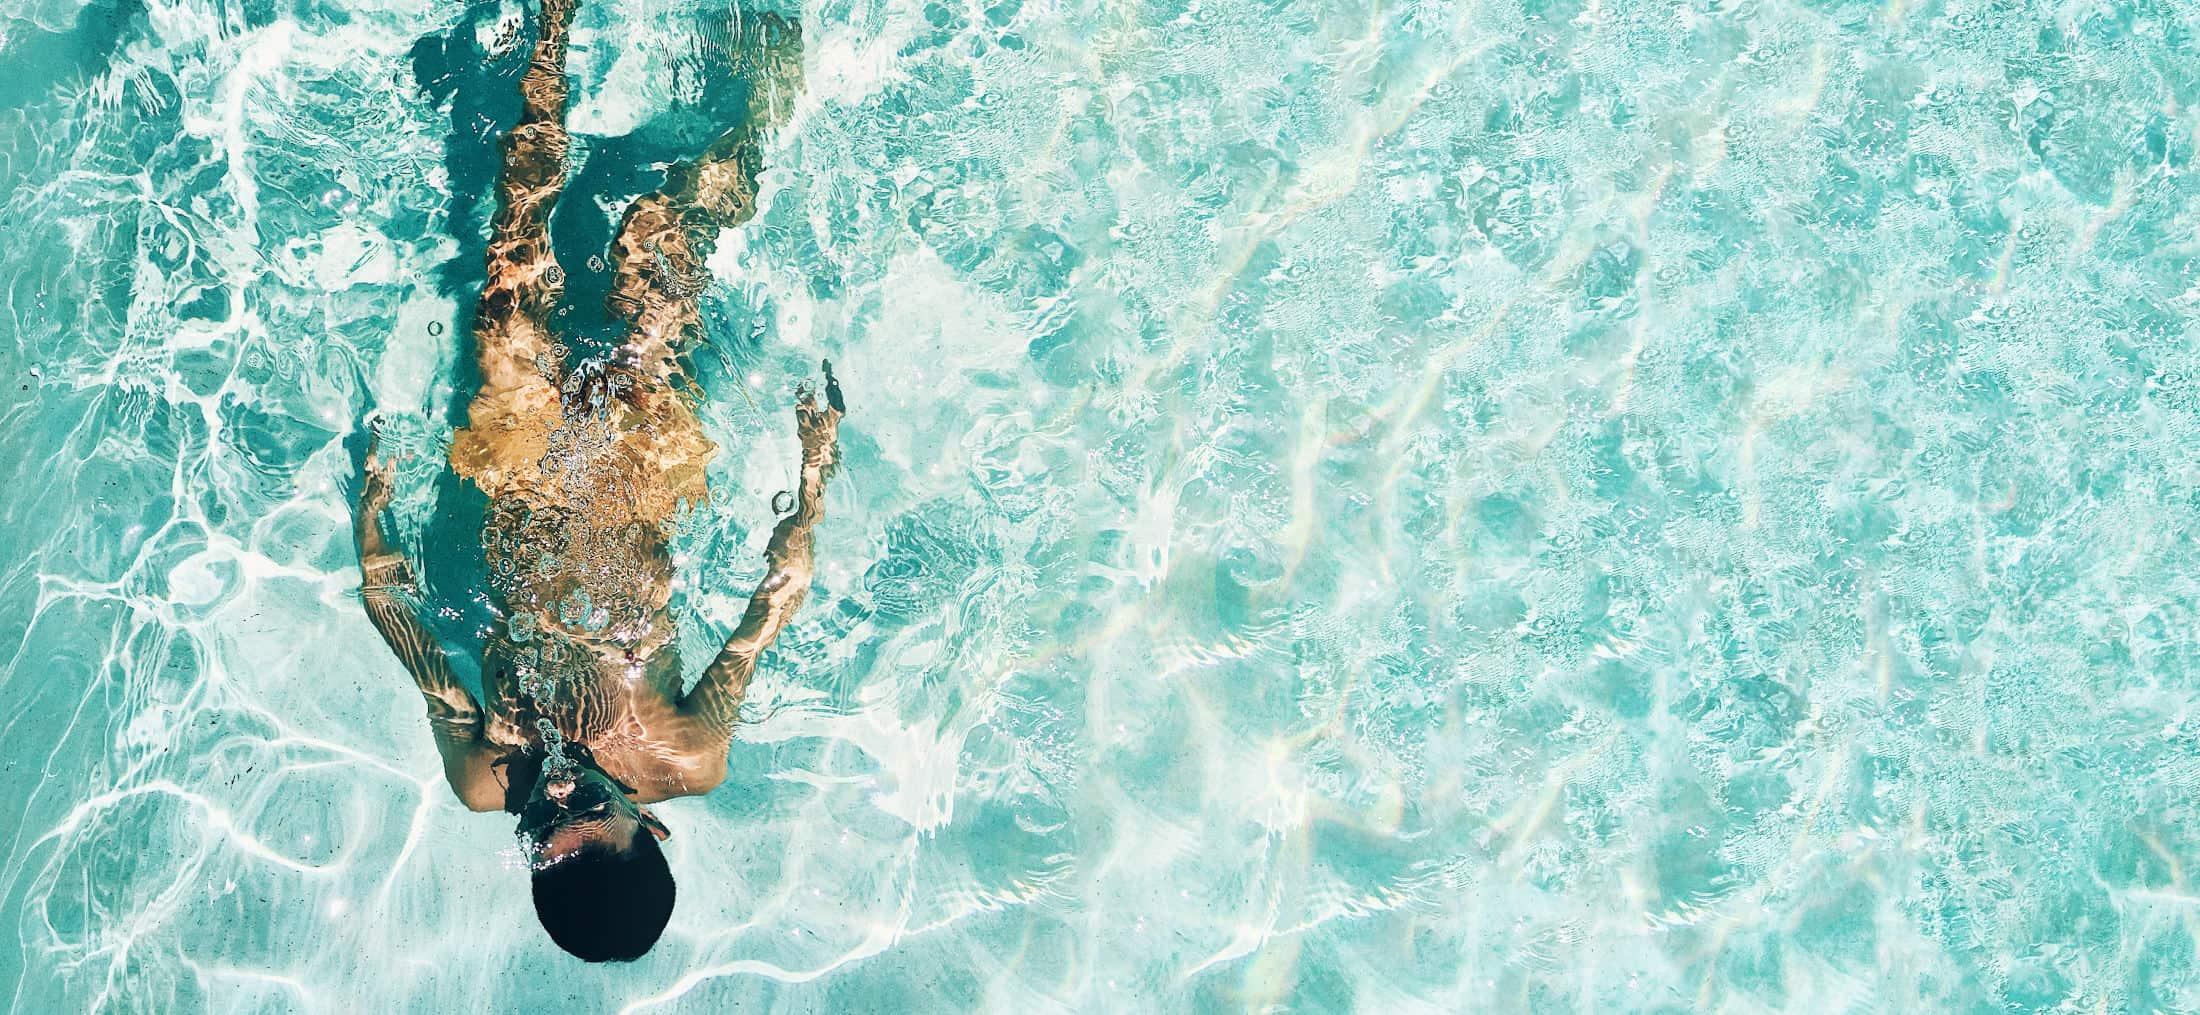 minicurso-de-mergulho